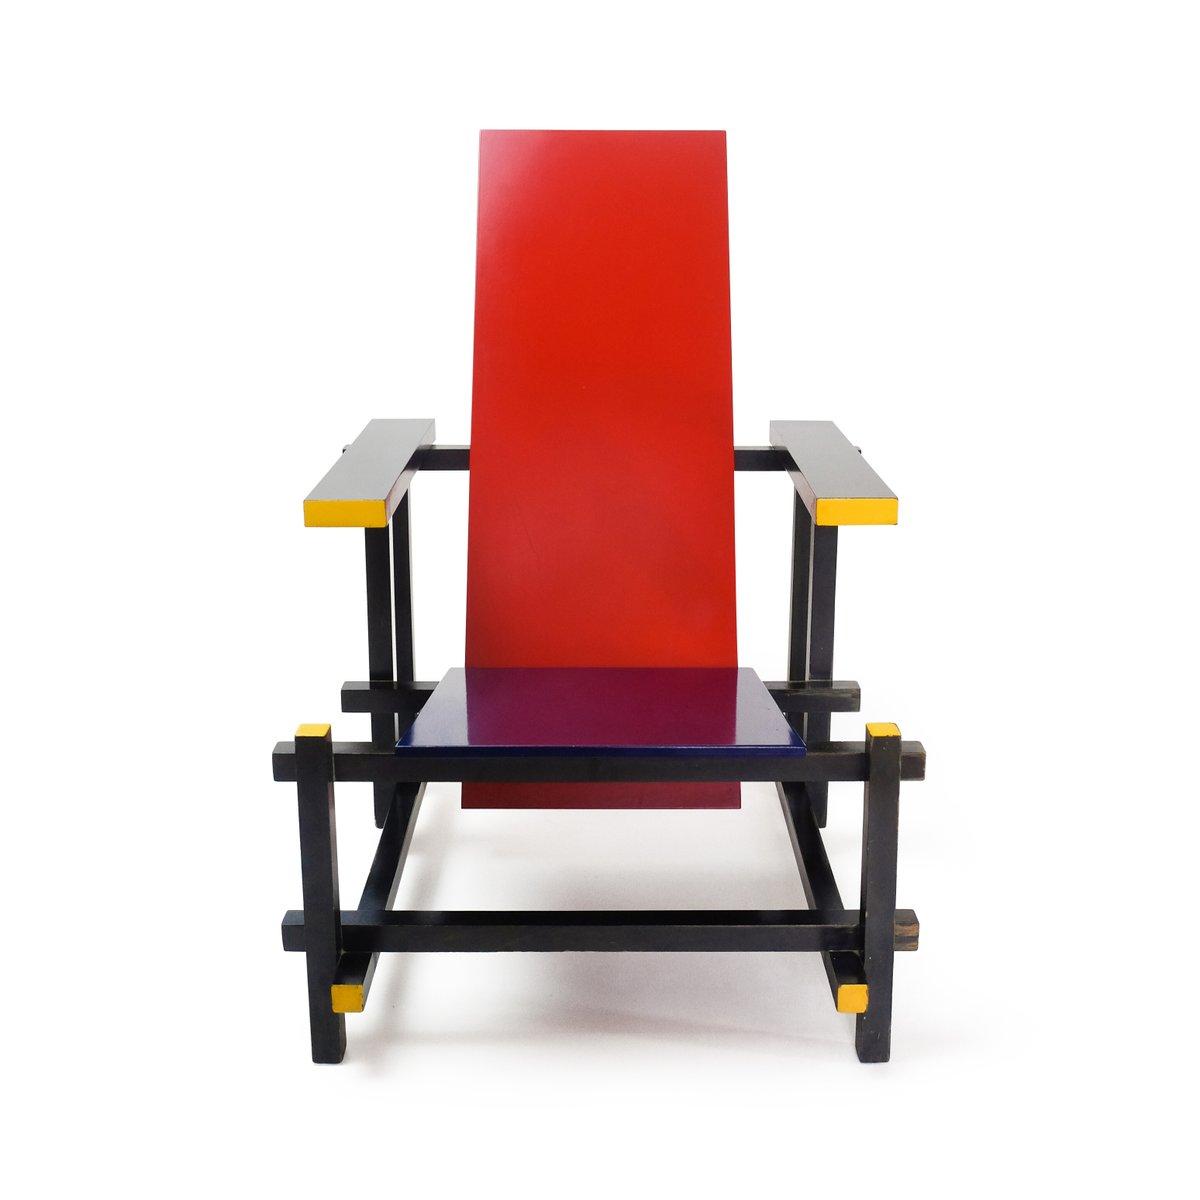 Rietveld stuhl zeichnung  Stuhl in Rot & Blau von Gerrit Thomas Rietveld für Cassina, 1970er ...